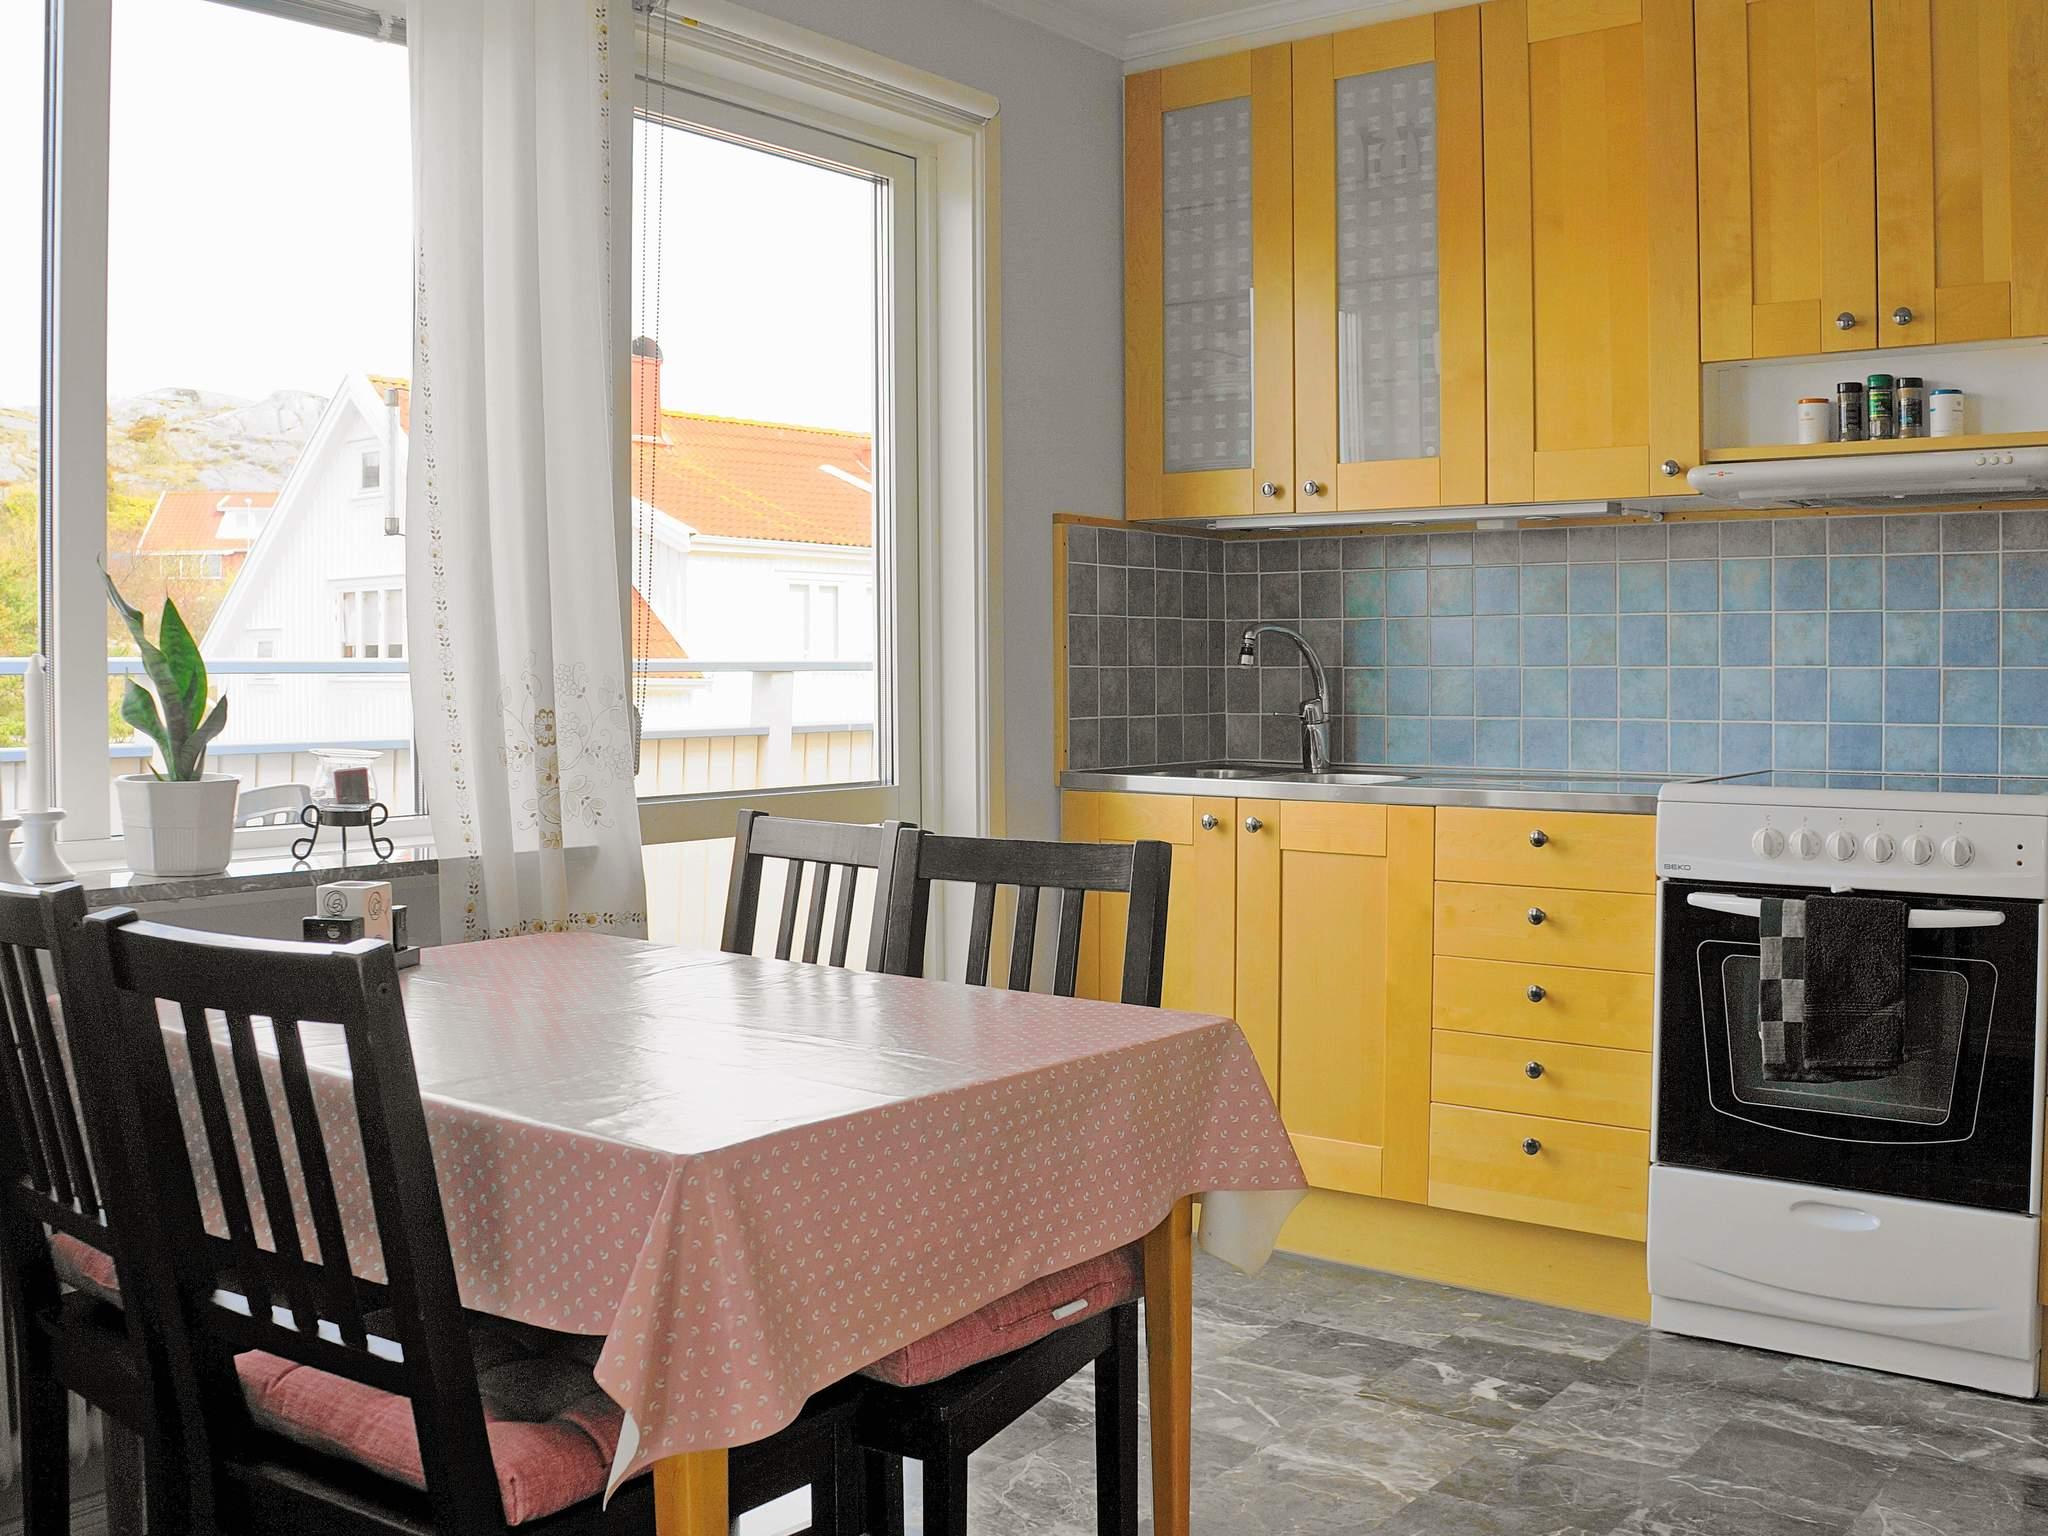 Ferienhaus Tjörn/Skärhamn (1625444), Skärhamn, Tjörn, Westschweden, Schweden, Bild 2